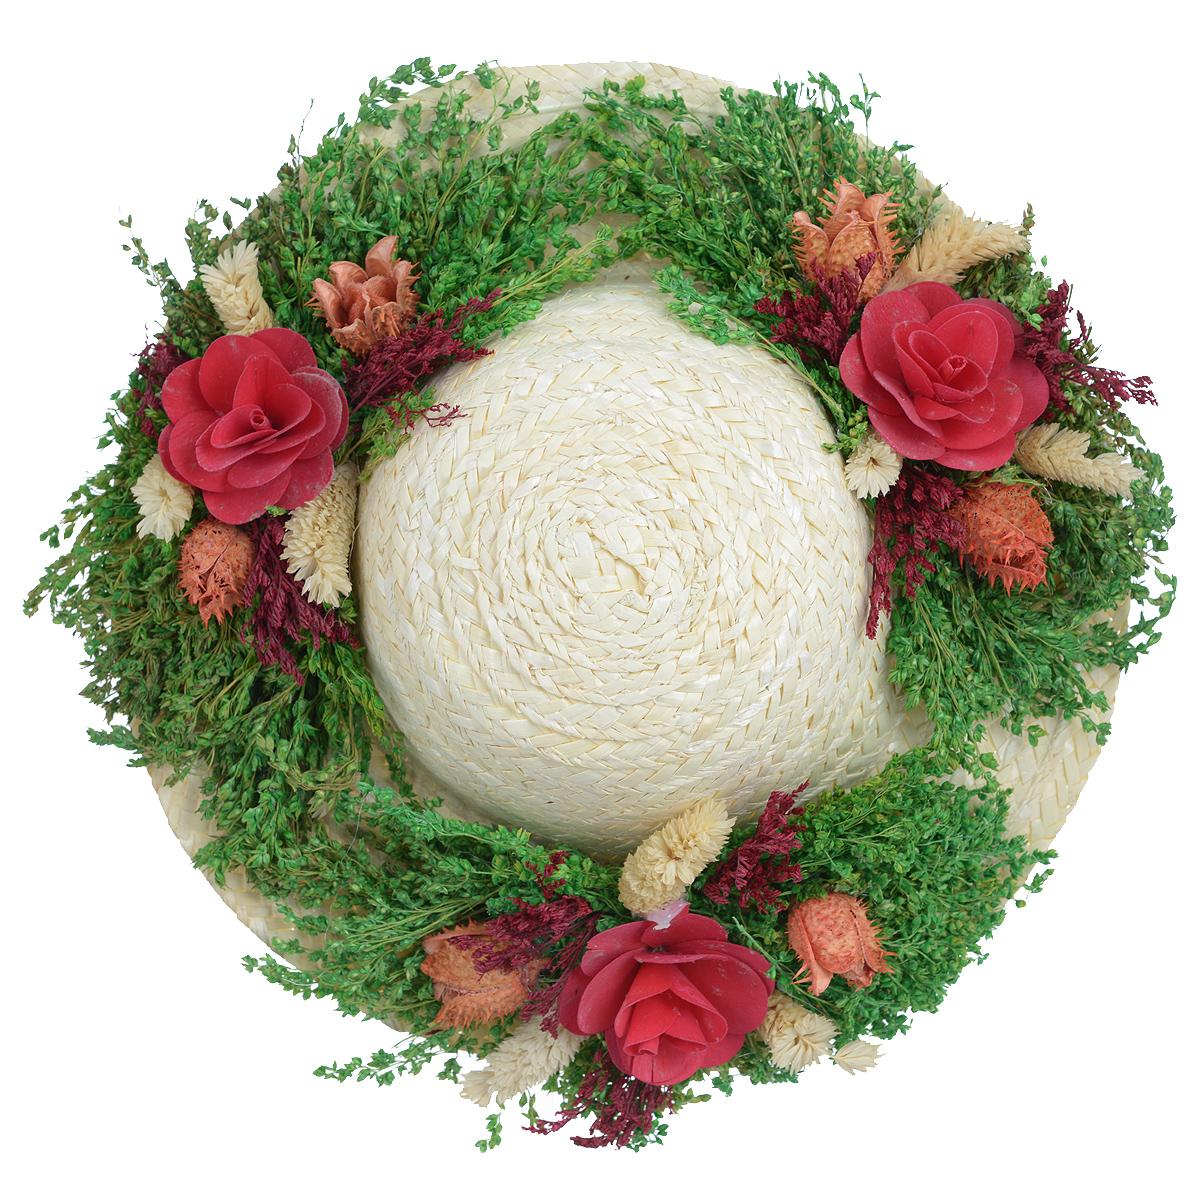 Декоративное настенное украшение Lillo Шляпа с цветами, цвет: светло-бежевый, зеленый, красныйTHN132NДекоративное подвесное украшение Lillo Шляпа с цветами выполнено из натуральной соломы и украшено сухоцветами. Такая шляпа станет изящным элементом декора в вашем доме. С задней стороны расположена петелька для подвешивания. Такое украшение не только подчеркнет ваш изысканный вкус, но и прекрасным подарком, который обязательно порадует получателя.Диаметр шляпы: 29 см.